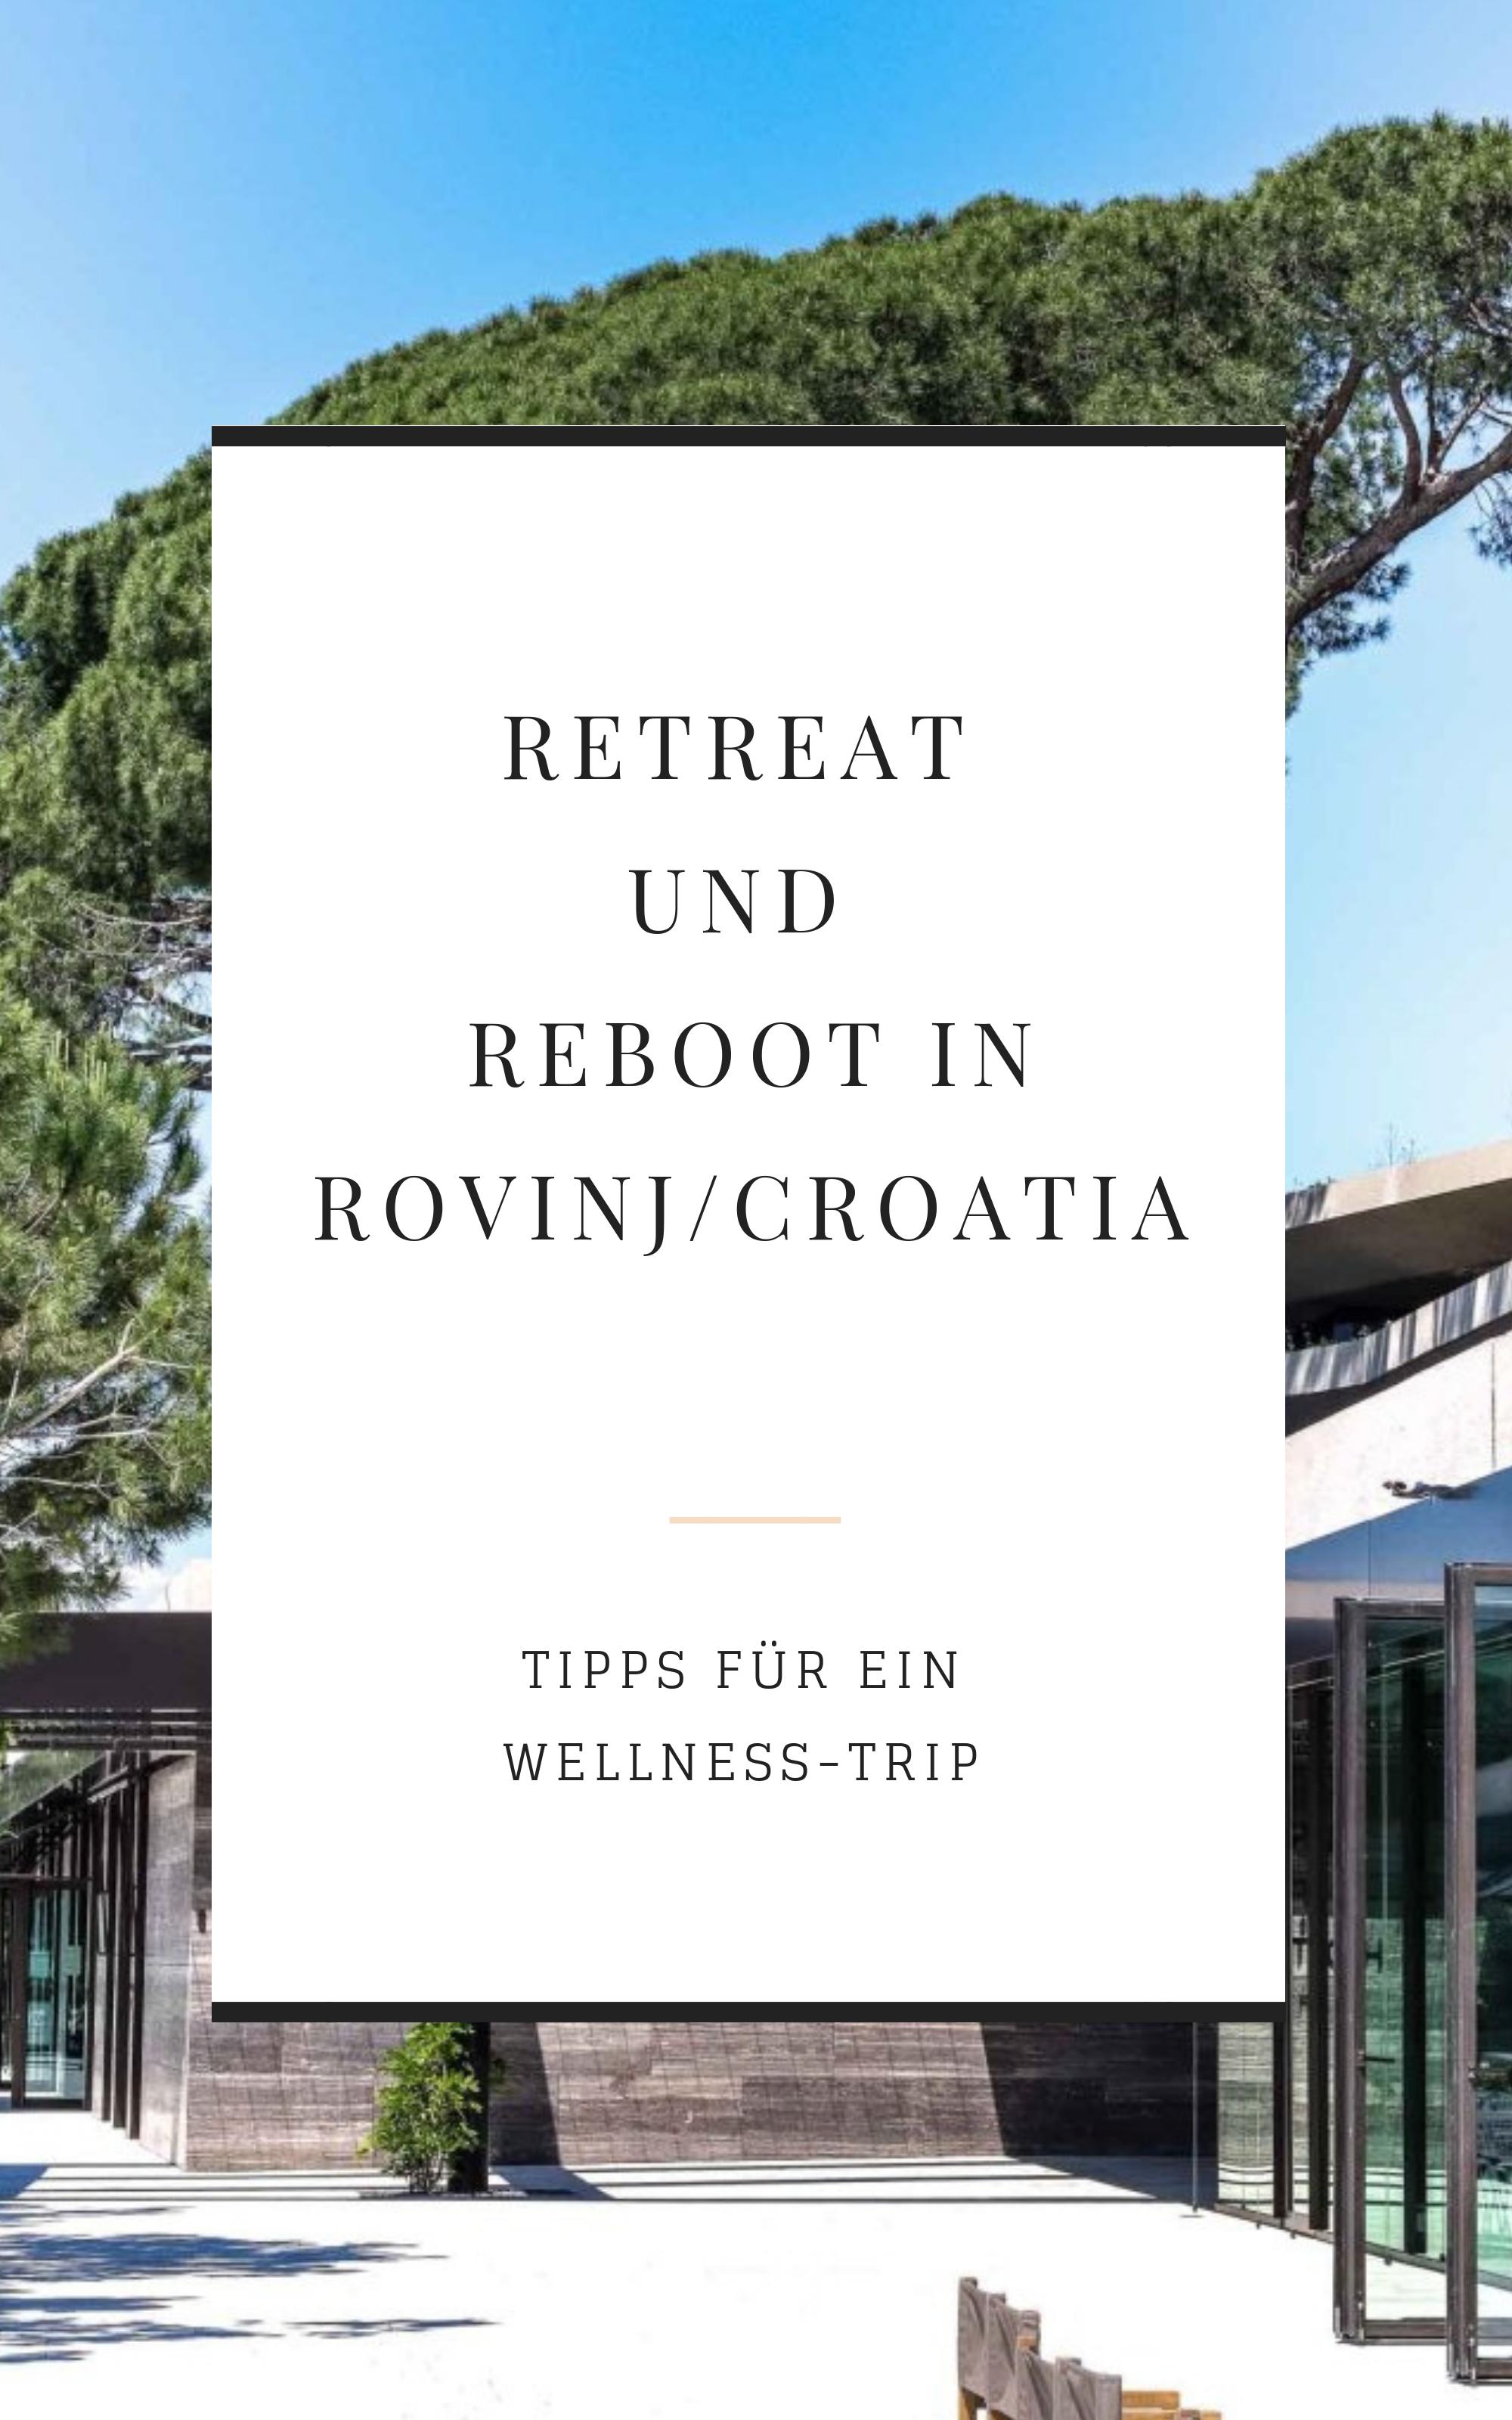 Rovinj  Retreat Mein Reboot in Kroatien in Rovinj Wie du in 48 Stunden das maximale an Wellness herausholst TravelBericht mit meinen Tipps für deinen WelnessTrip